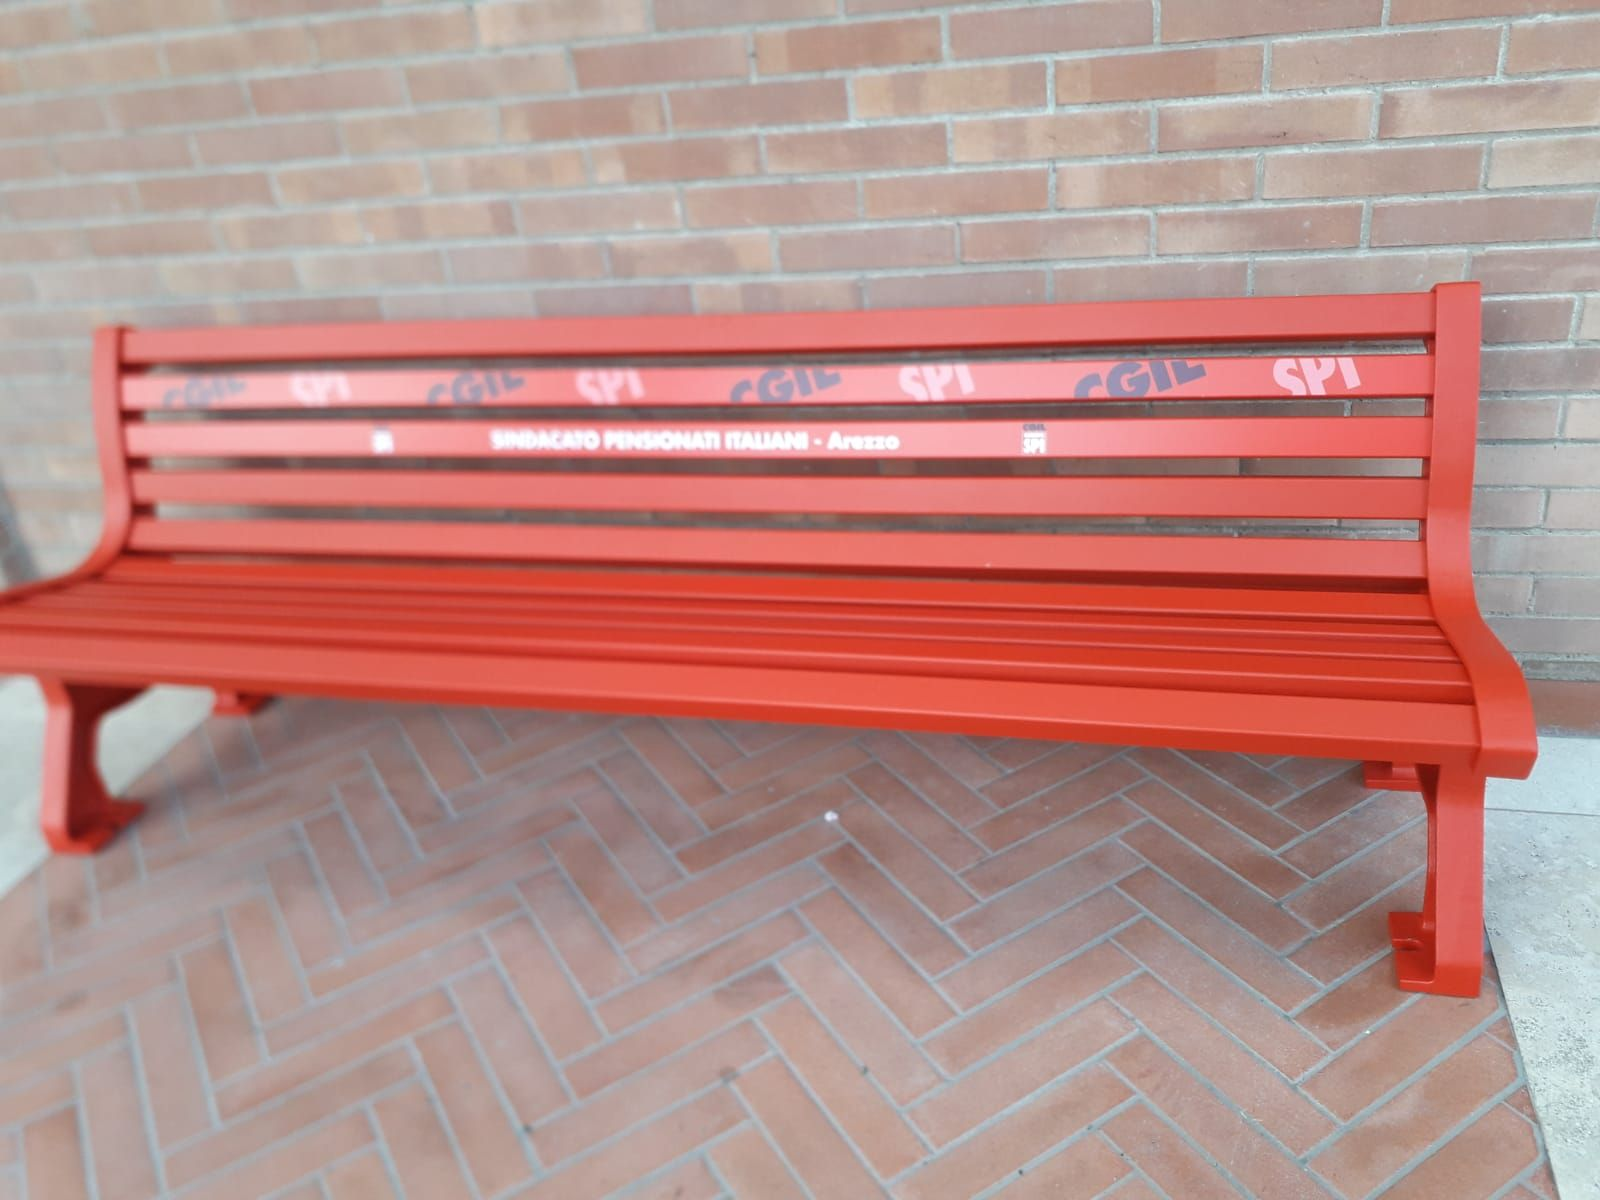 panchina rossa cgil_2